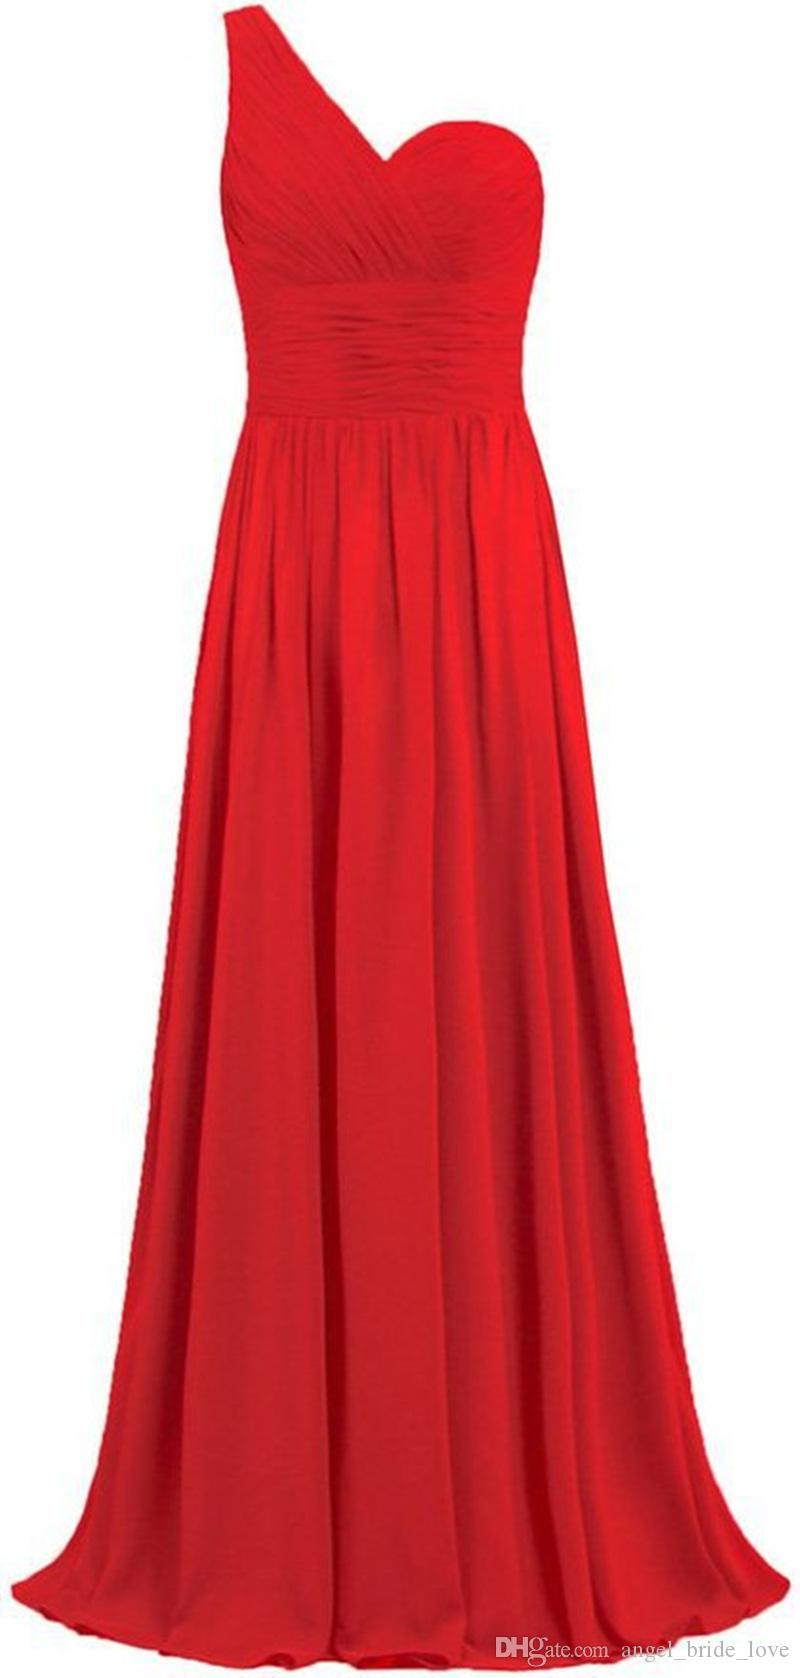 2019 Seksi Moda Tek Omuz PLİSE Lace Up şifon Artı boyutu Örgün Akşam Ünlü Elbise BE59 ile A-Line Parti Gowns